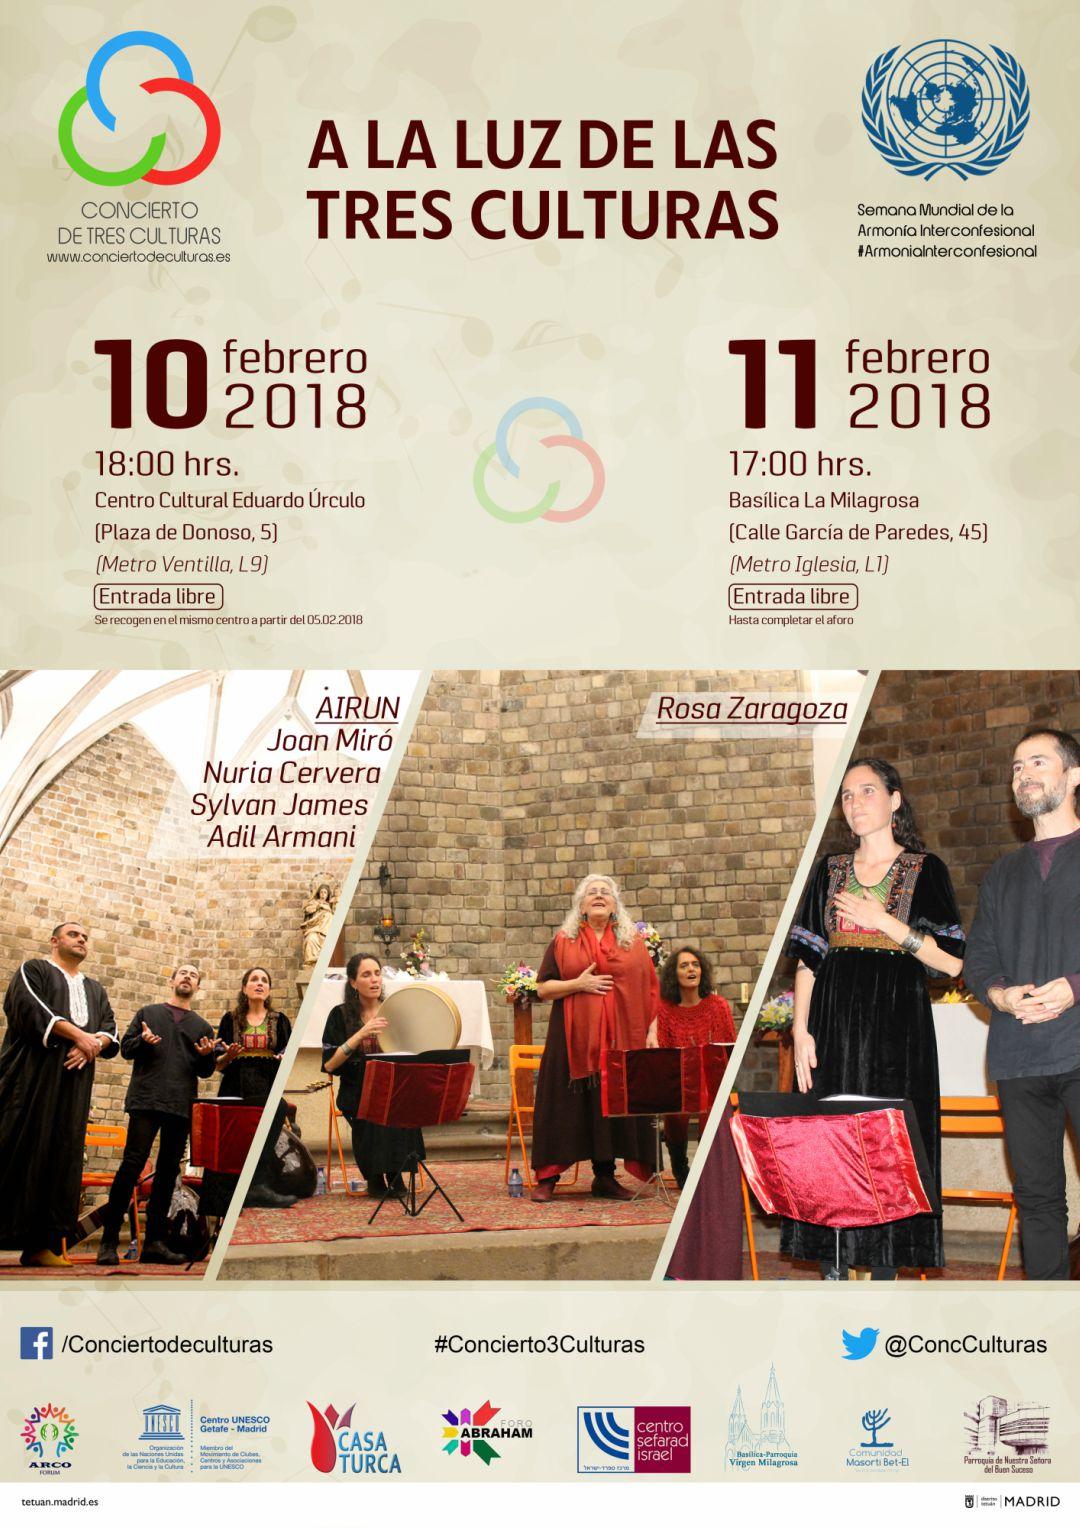 Concierto de Tres Culturas (5ª Edición)